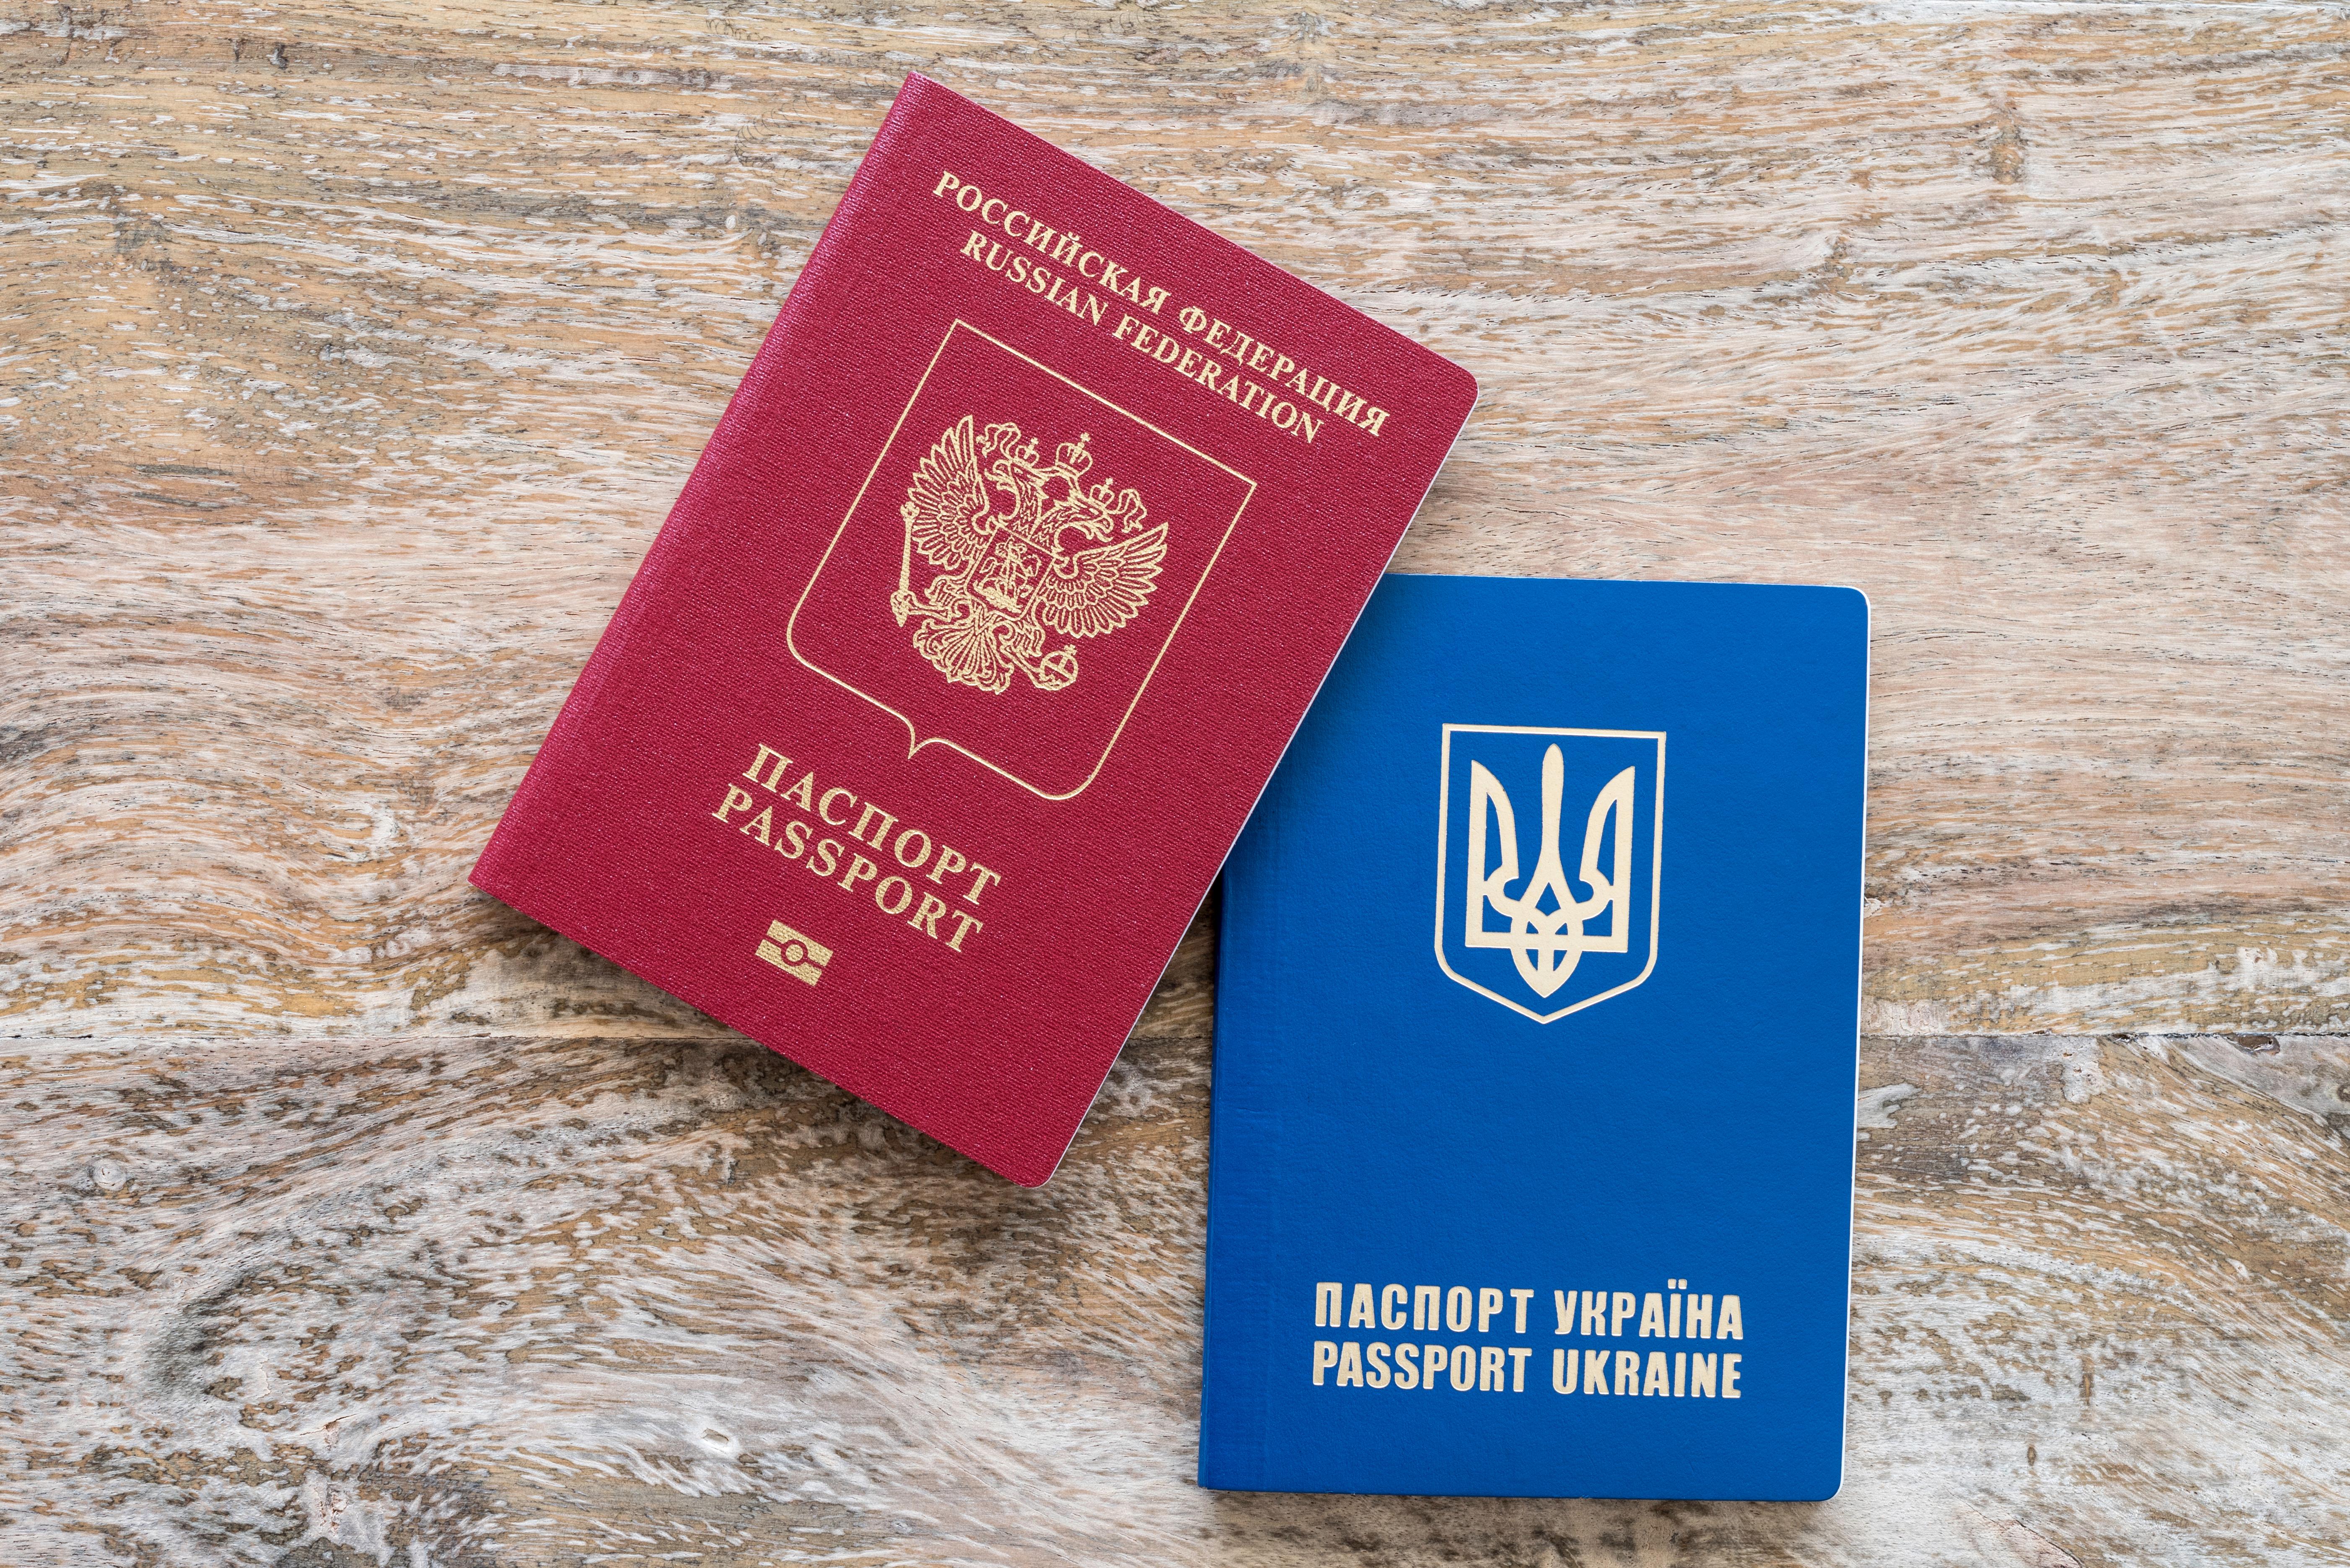 Паспорт Украины и РФ, с которыми можно пересекать границу